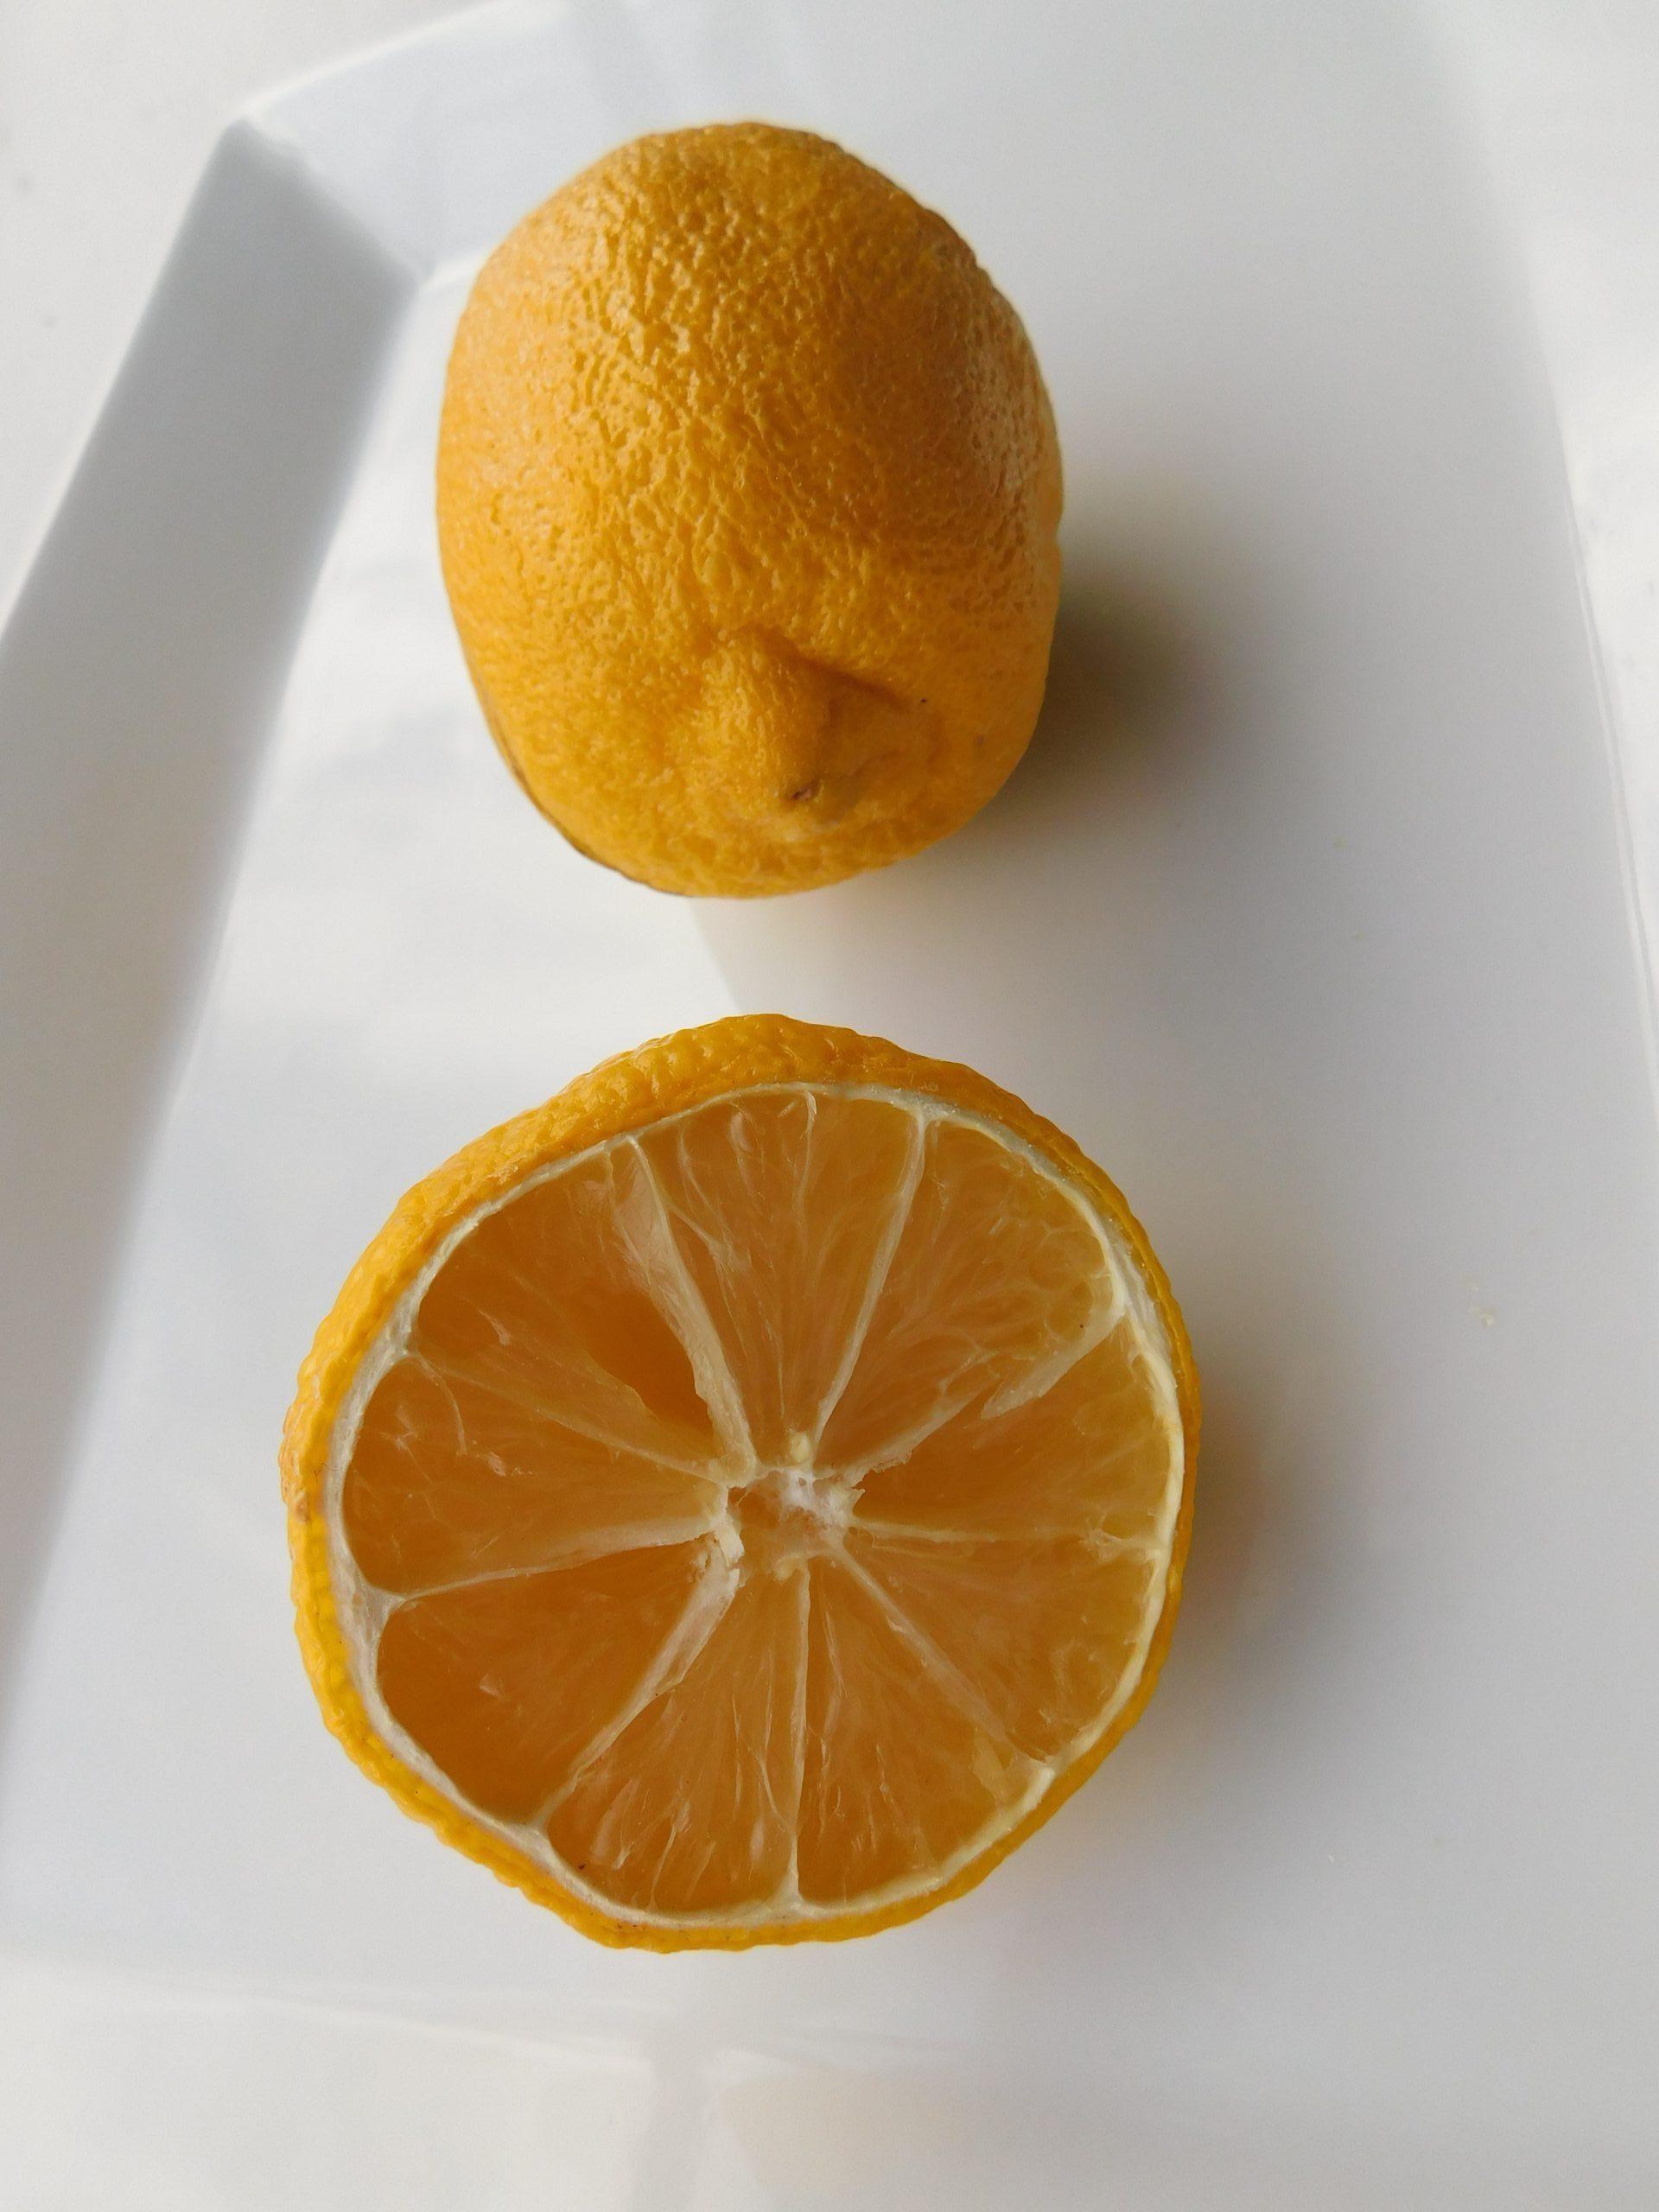 How Does Lemon Taste